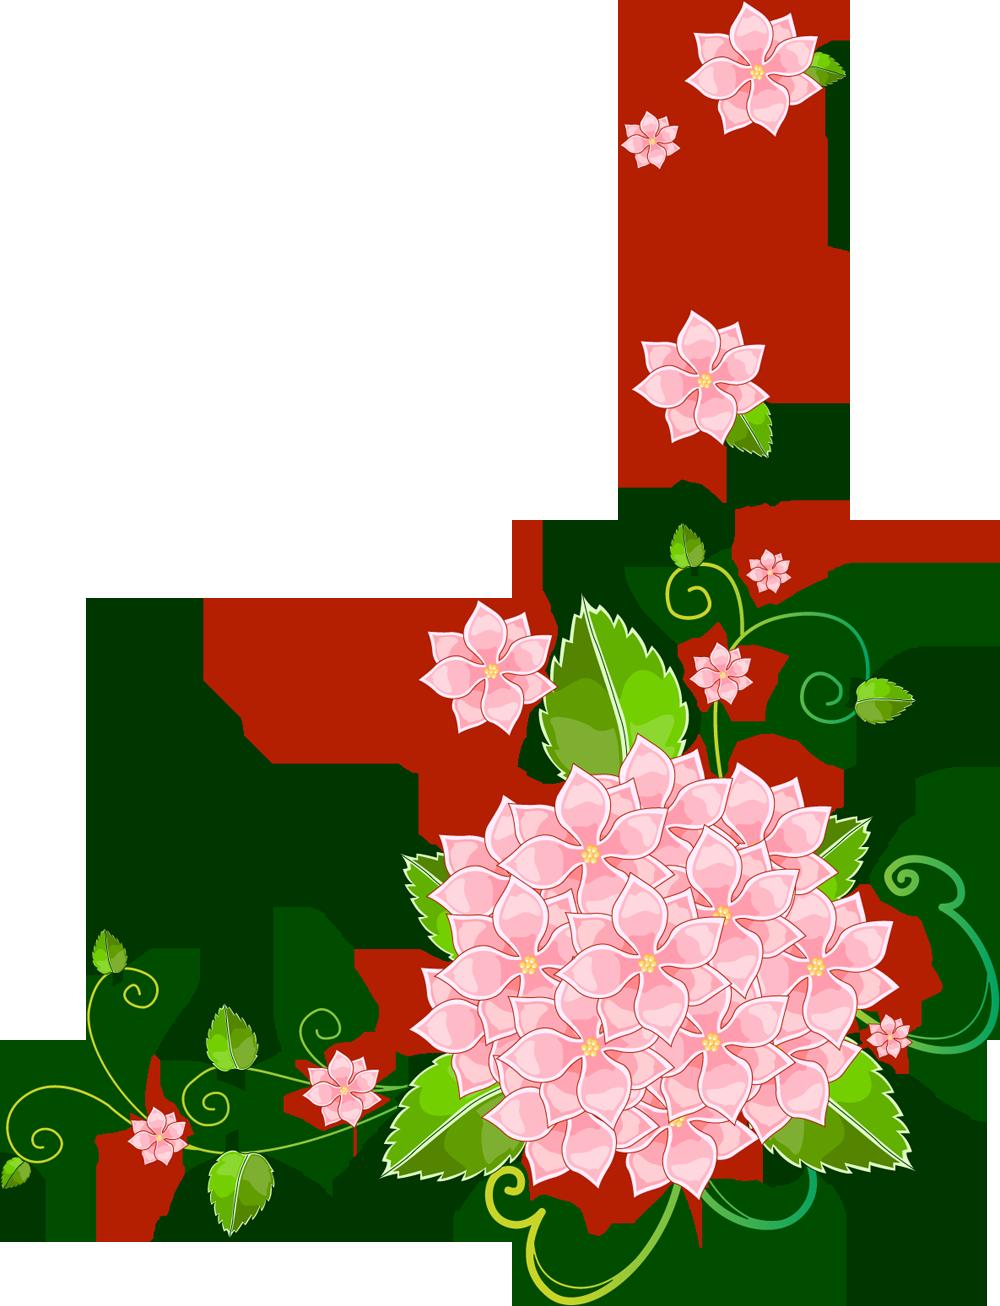 Поздравление, узоры для открытки цветы